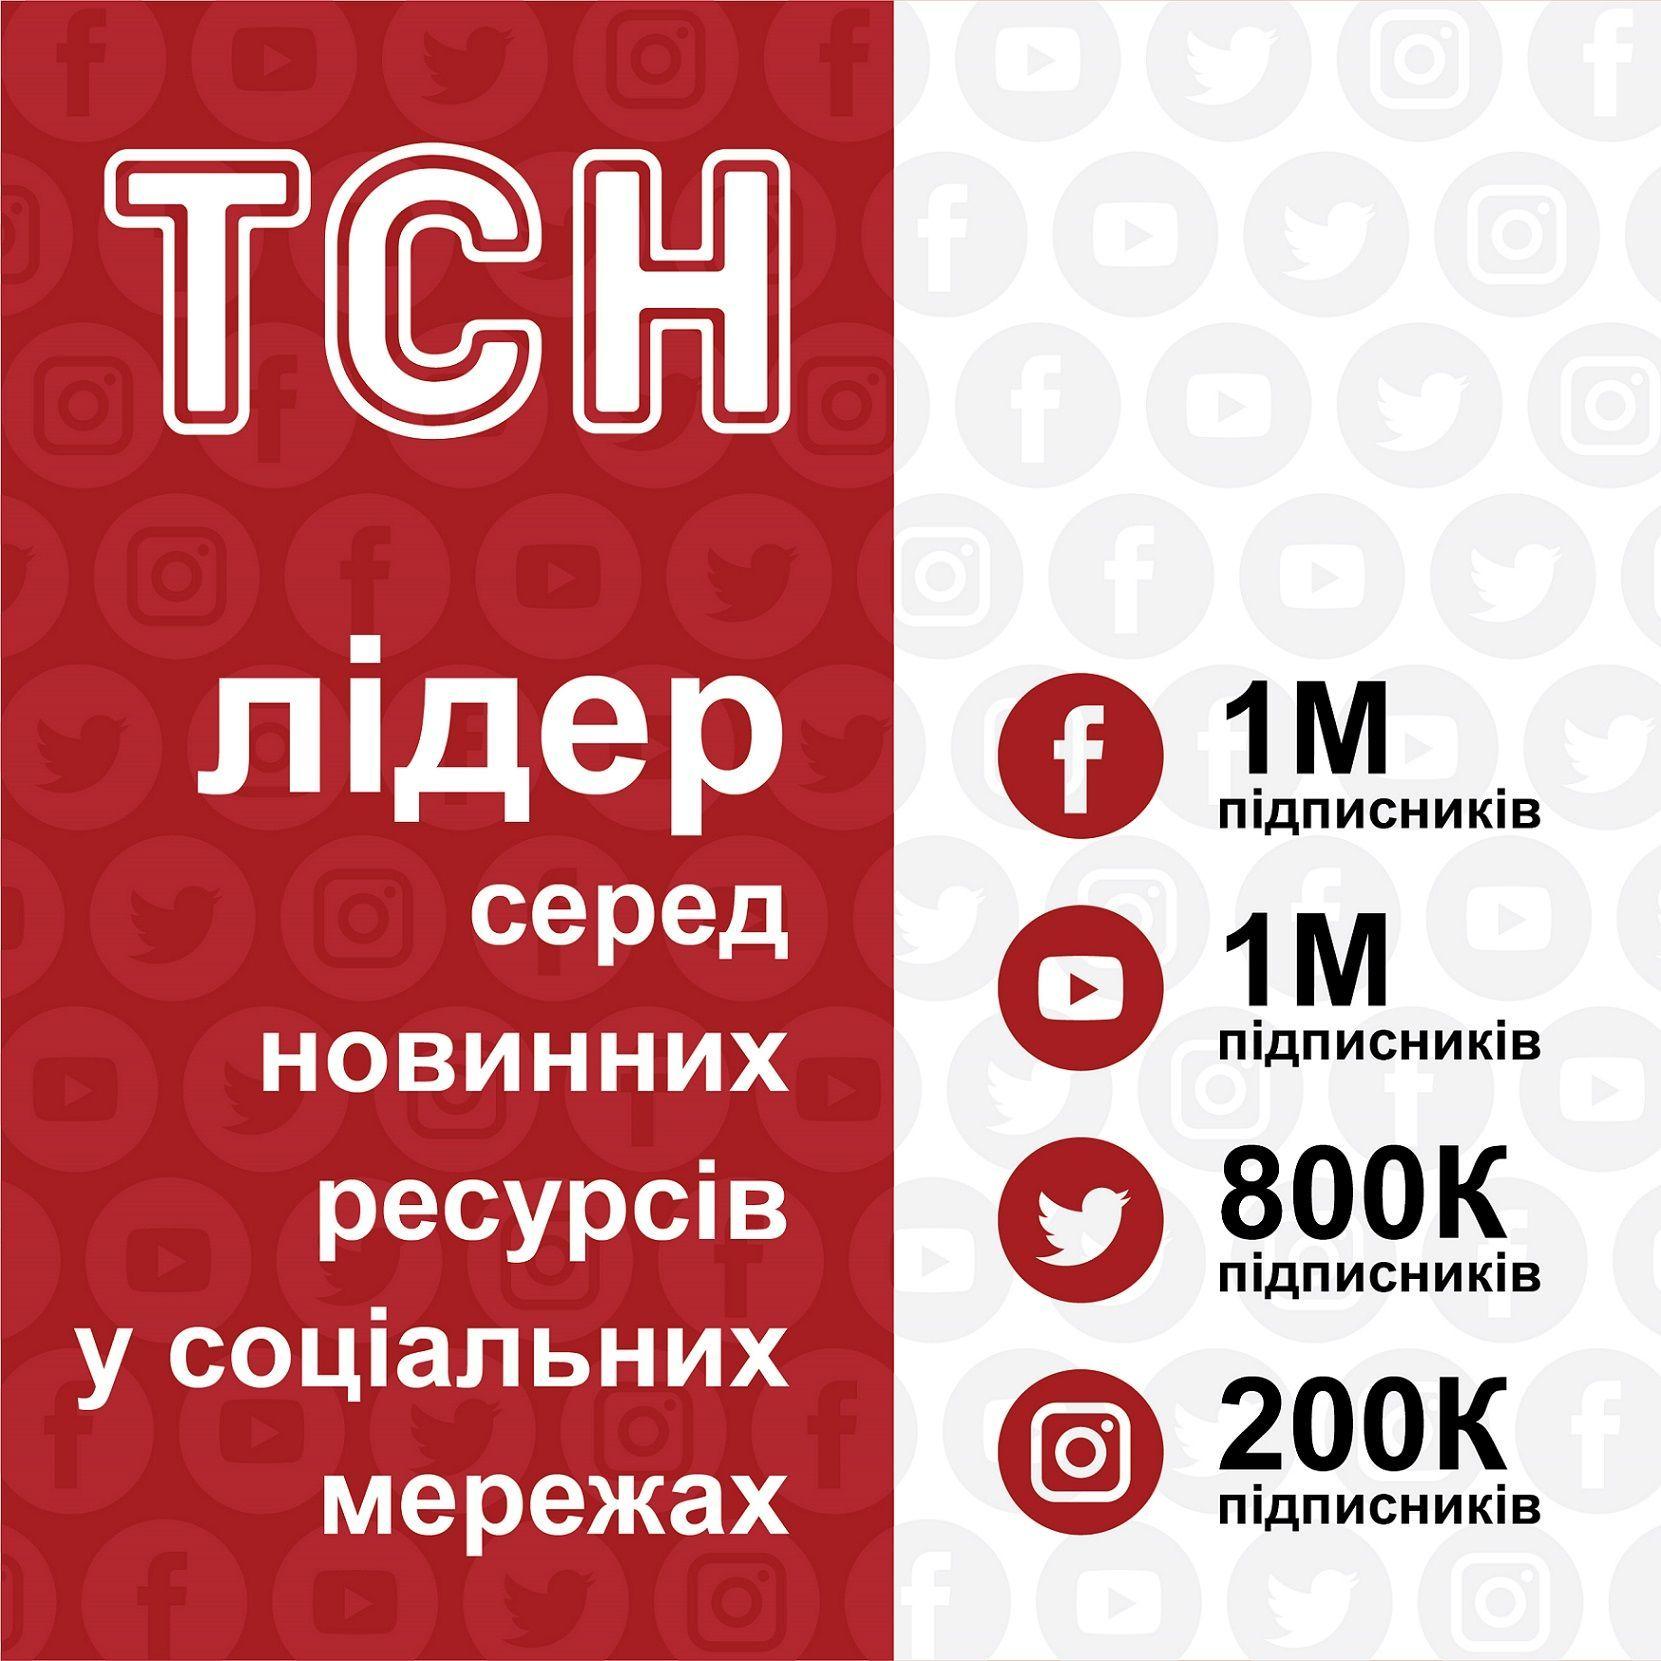 ТСН зібрав рекордну кількість підписників на YouTube та в Instagram